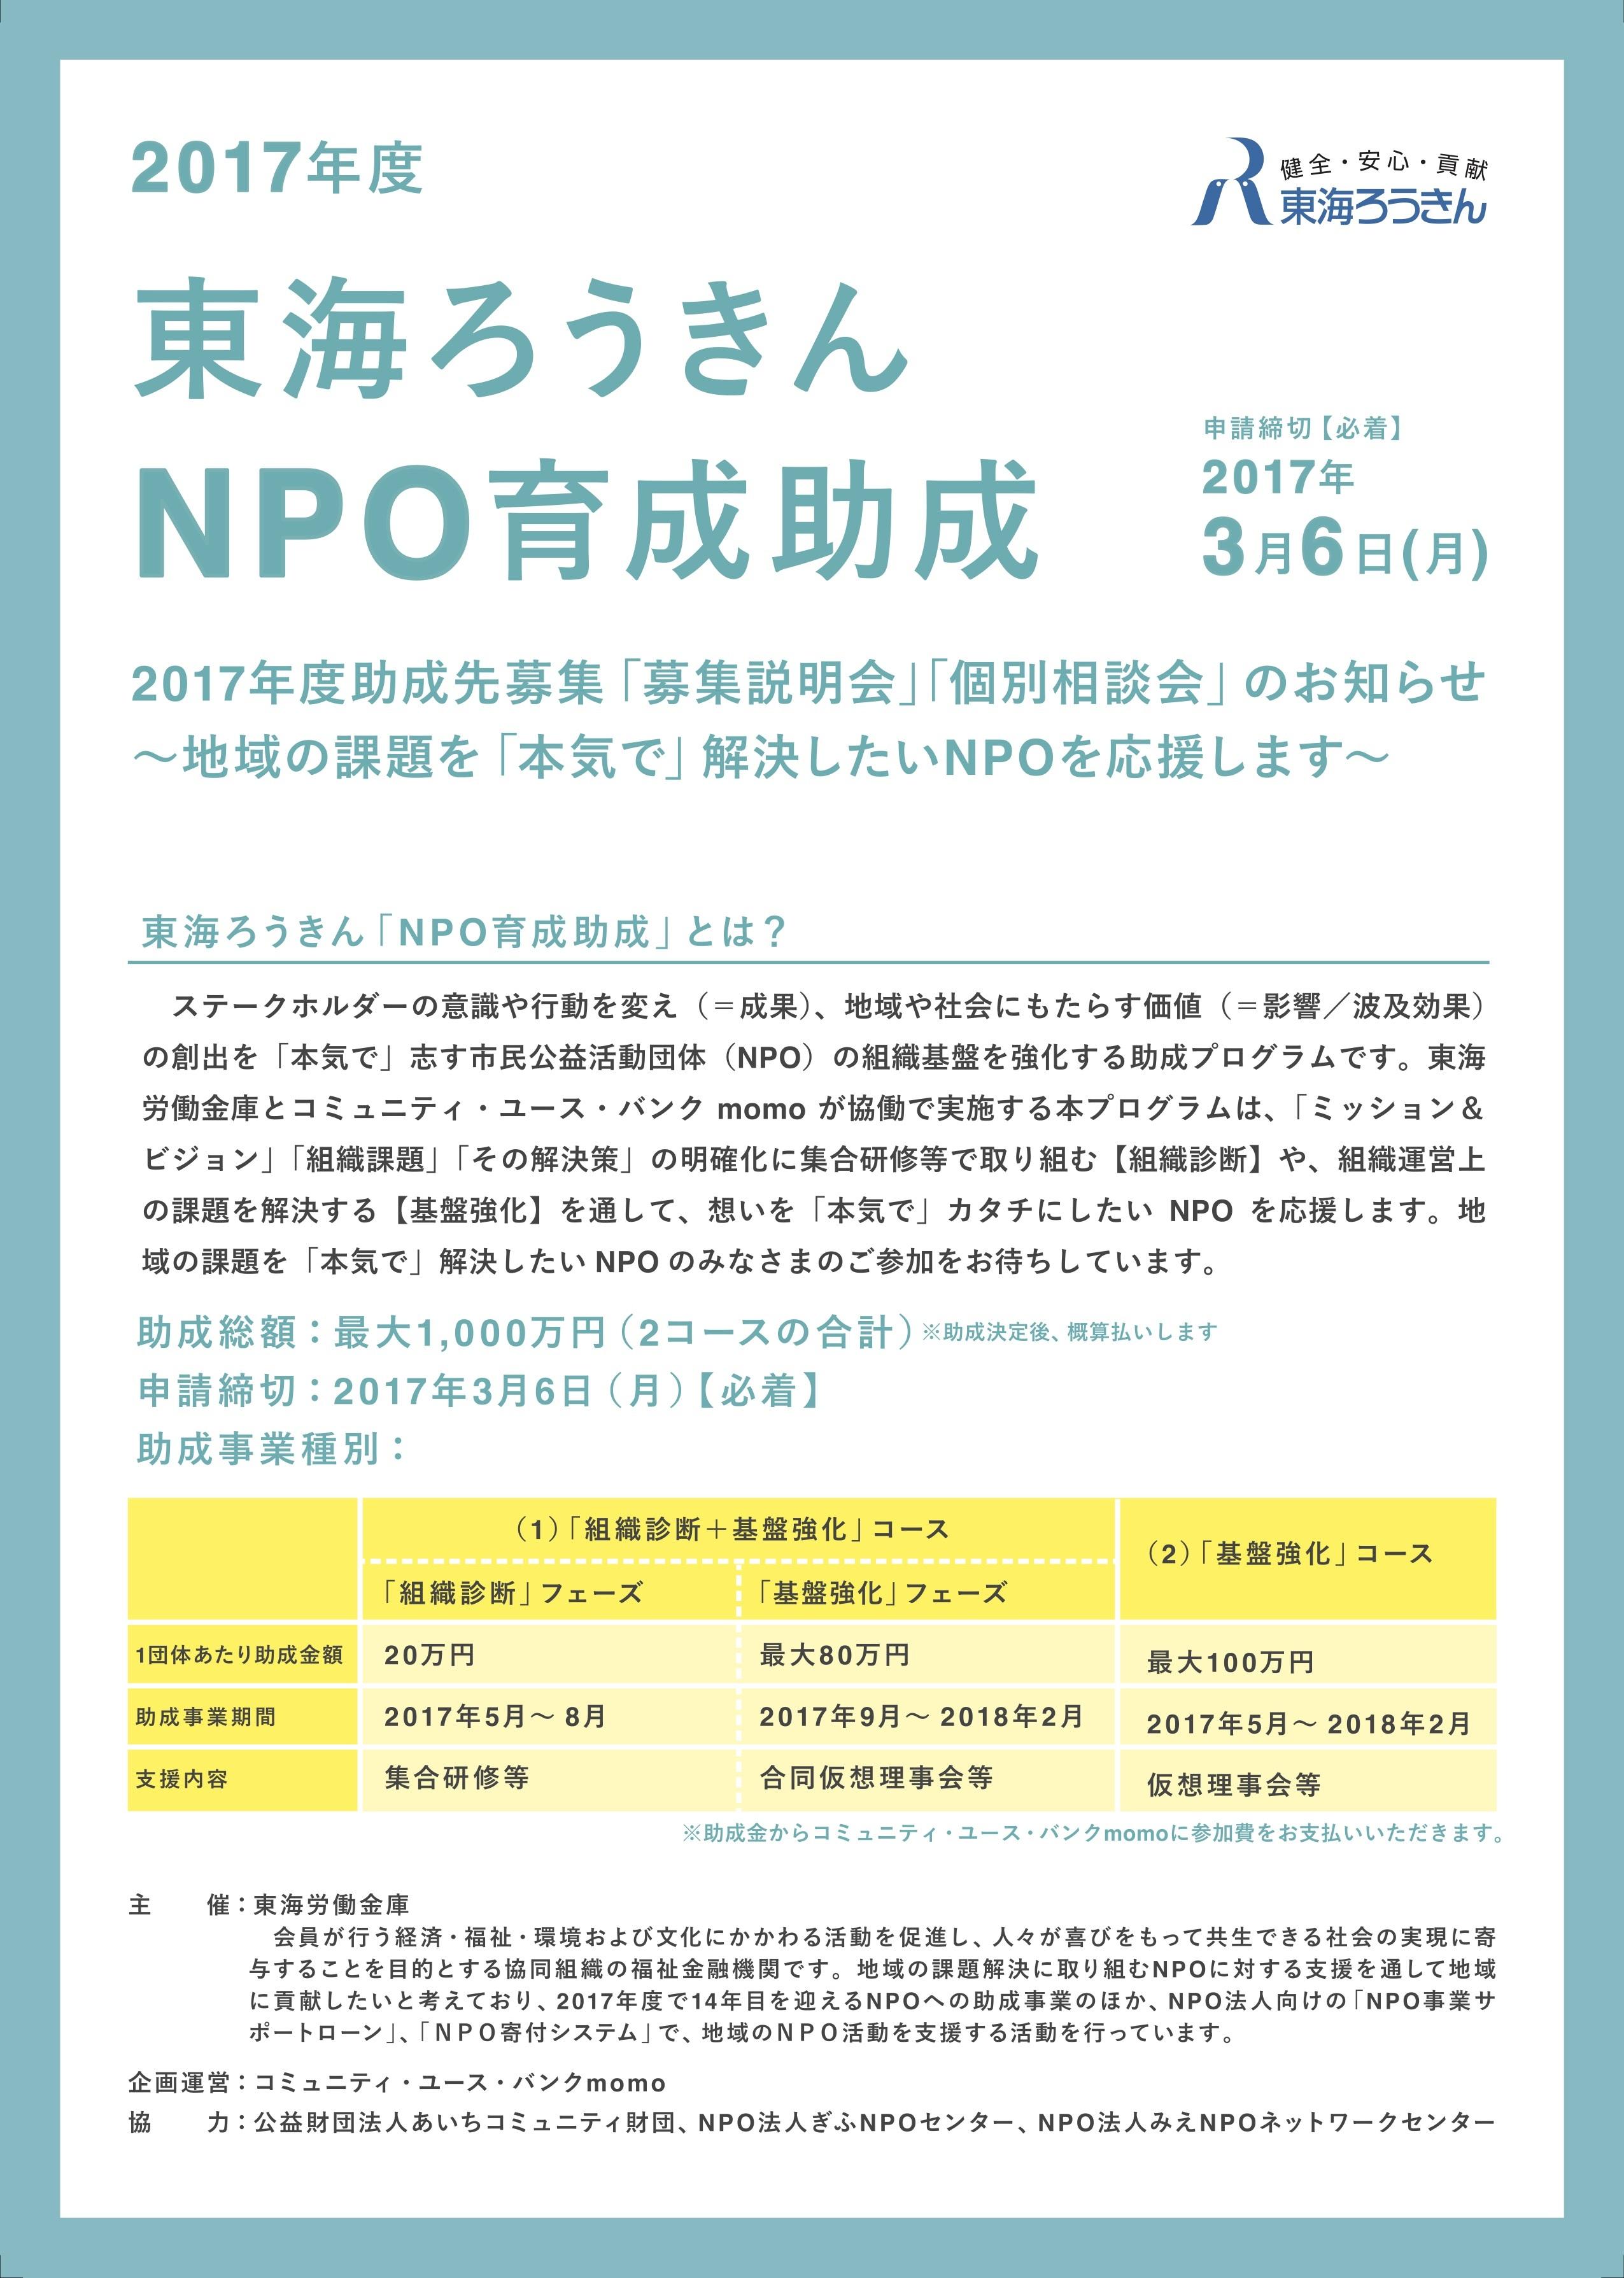 NPO支援助成2017:チラシ表